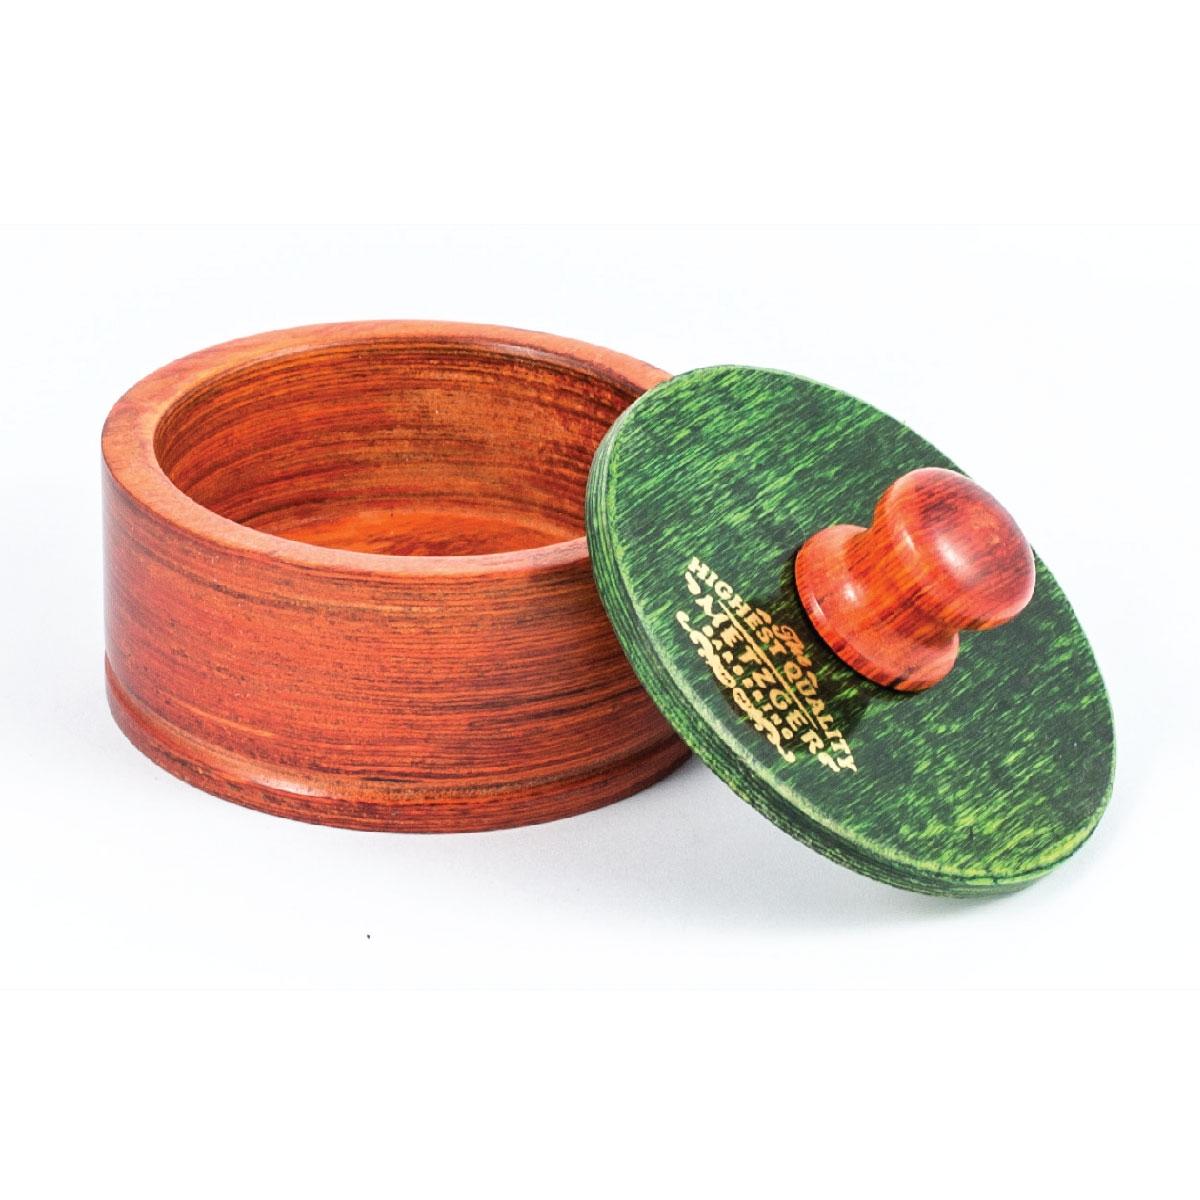 Metzger Чаша Rosewood для Бритья Деревянная с Зеленой Крышкой